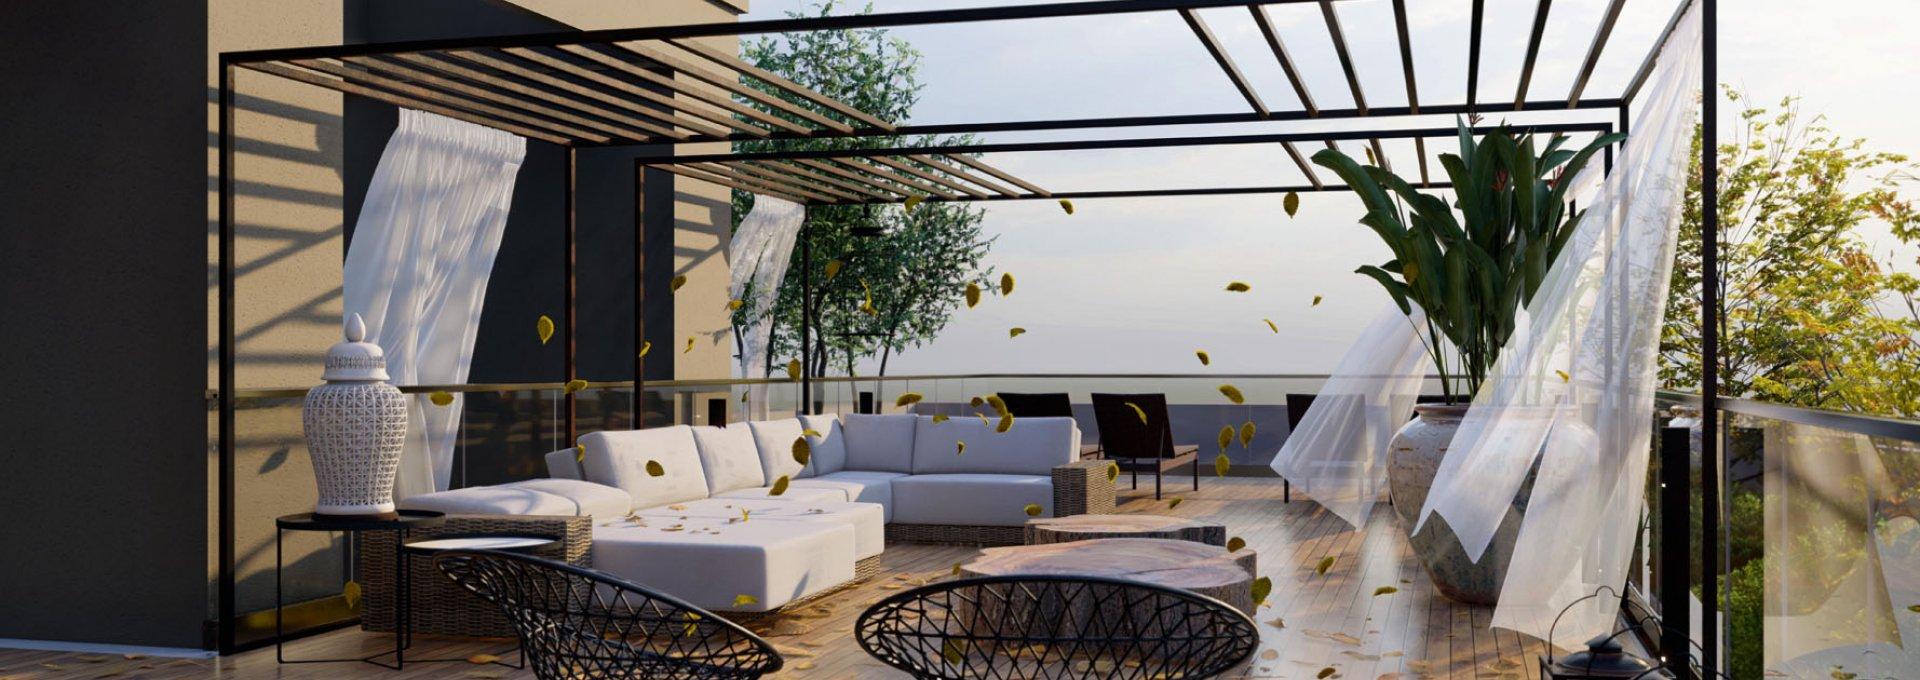 Lounge pôr do sol com lazer aberto no 20º andar